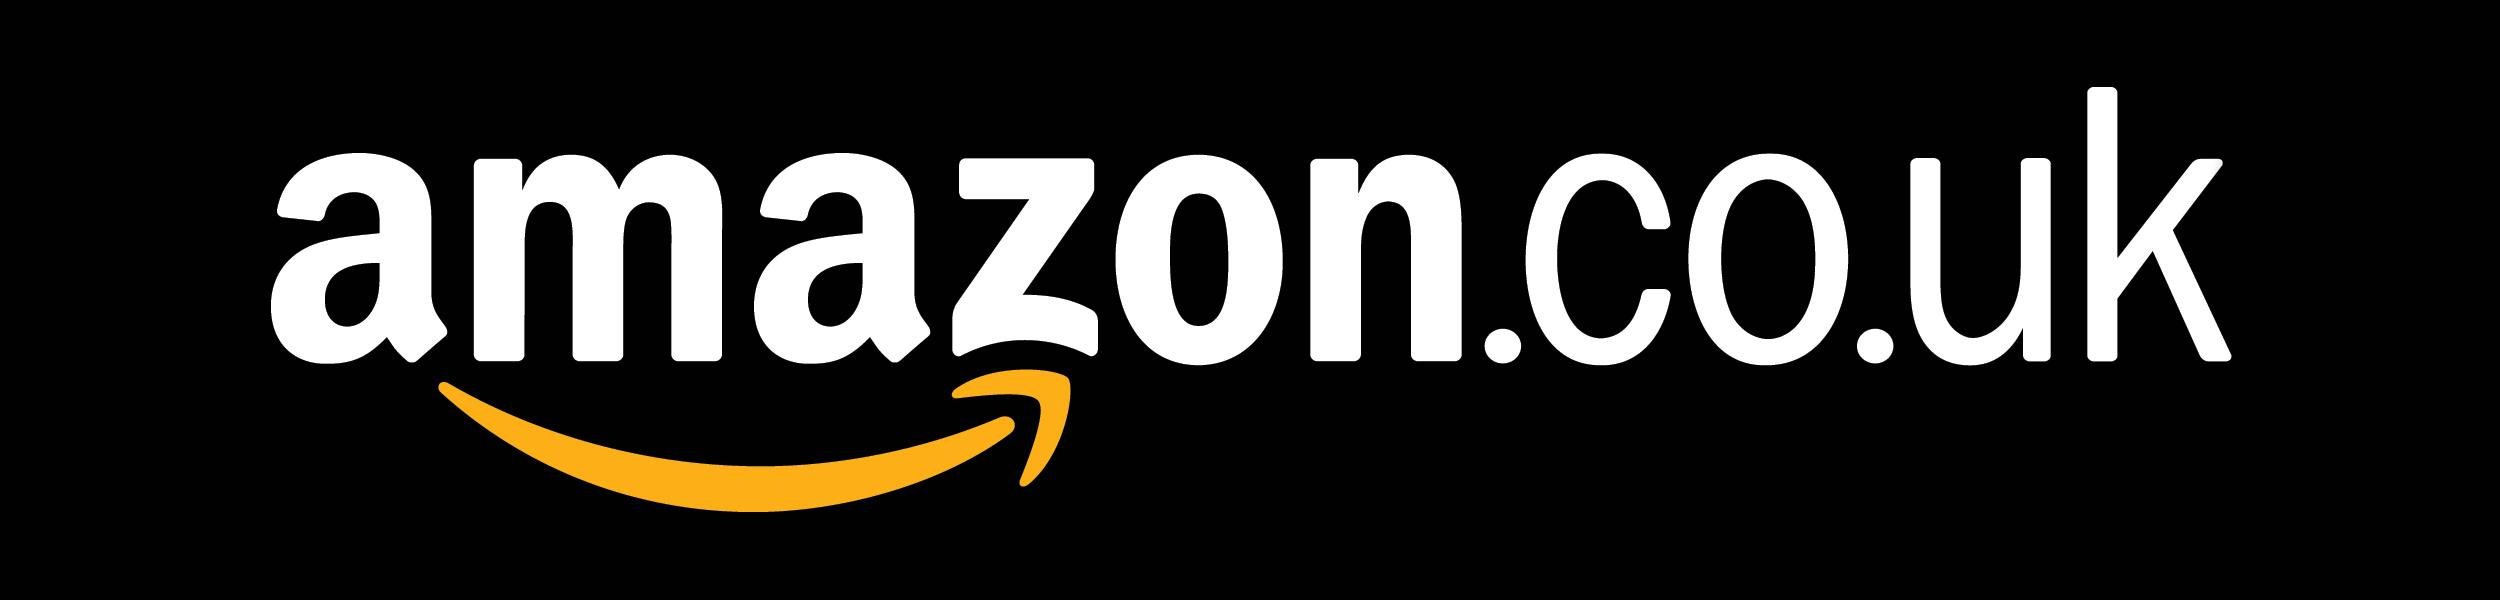 amazon-uk-logo